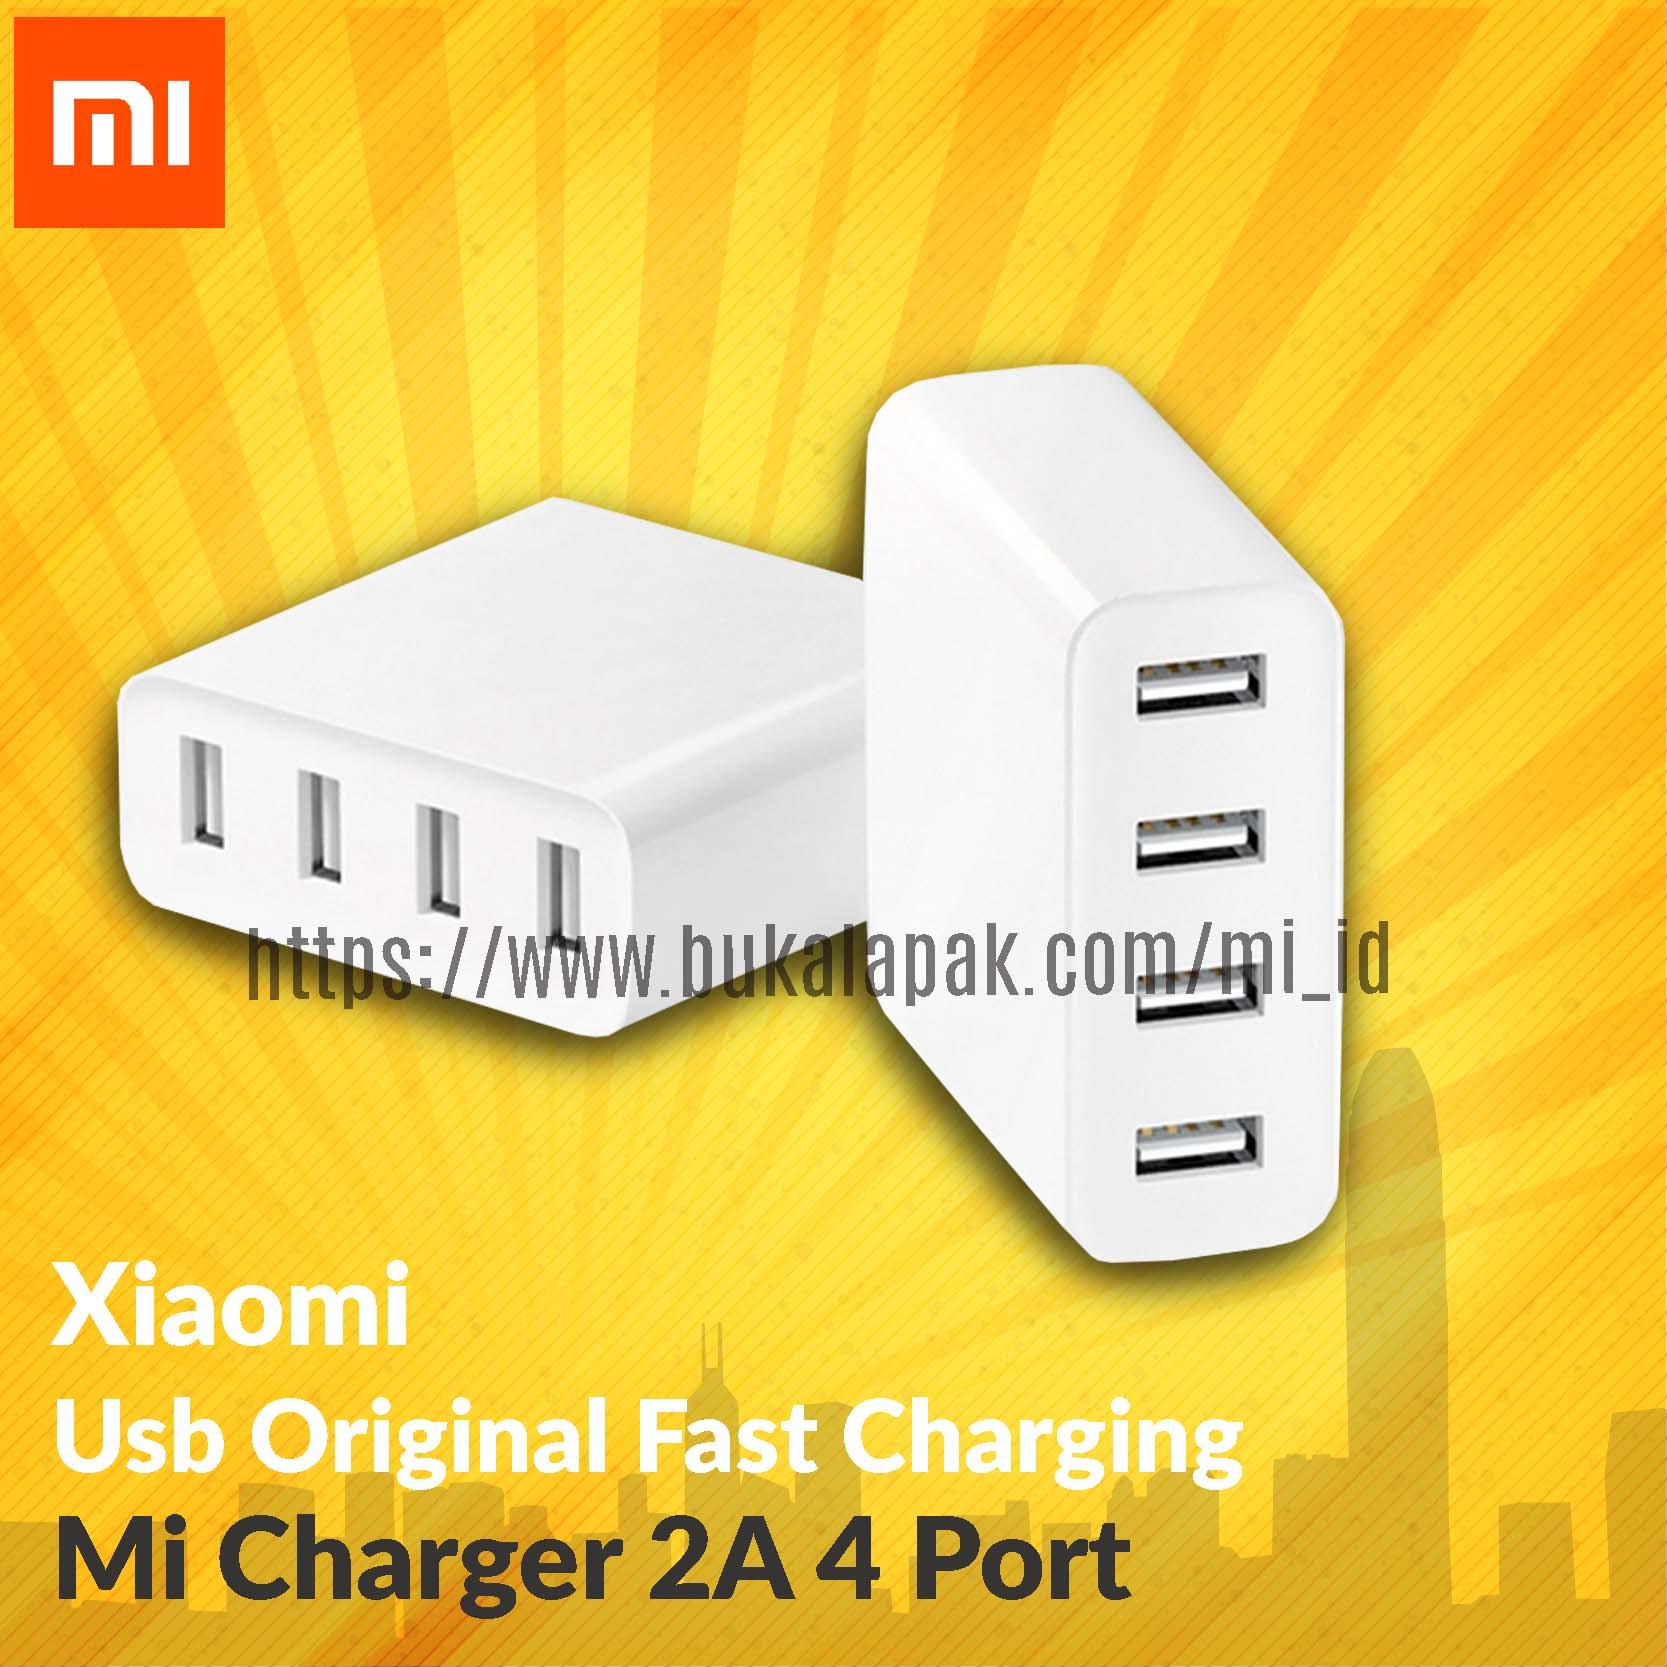 Original Xiaomi Mi Usb Fast Charging 2a 4 - Port - Garansi - Blanja.com